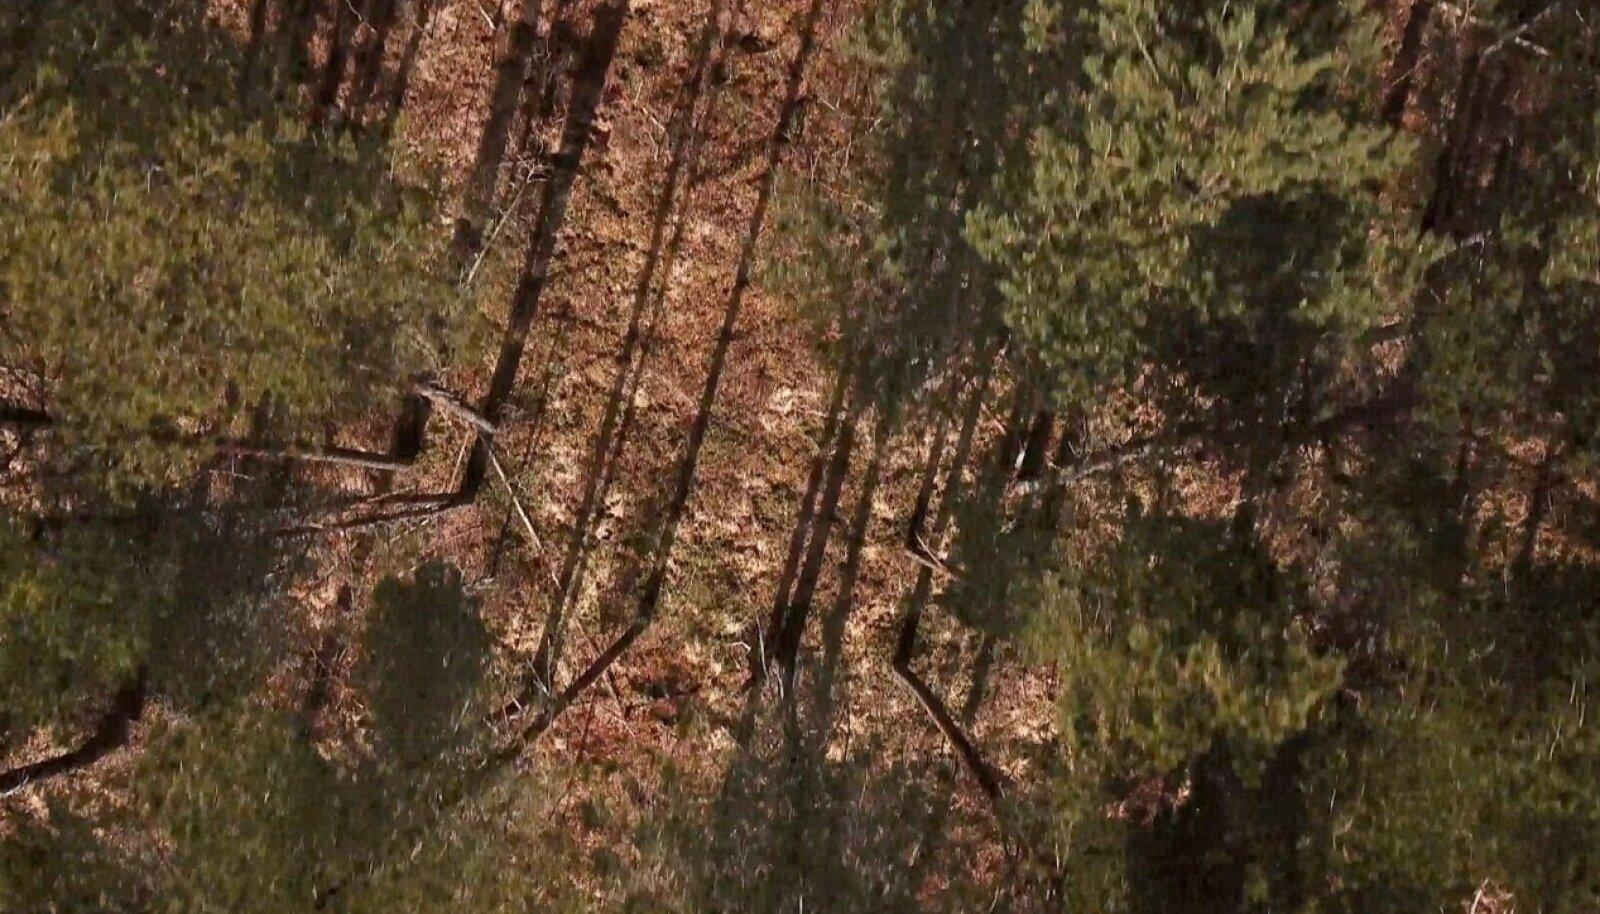 MTÜ Kogukonna Metsad tahab Läänemaal Haeskas metsafirmalt osta maad, et päästa metsa lageraiest. MTÜ juhatuse liige on Rea Raus, kelle kodu lähedal mets asub.